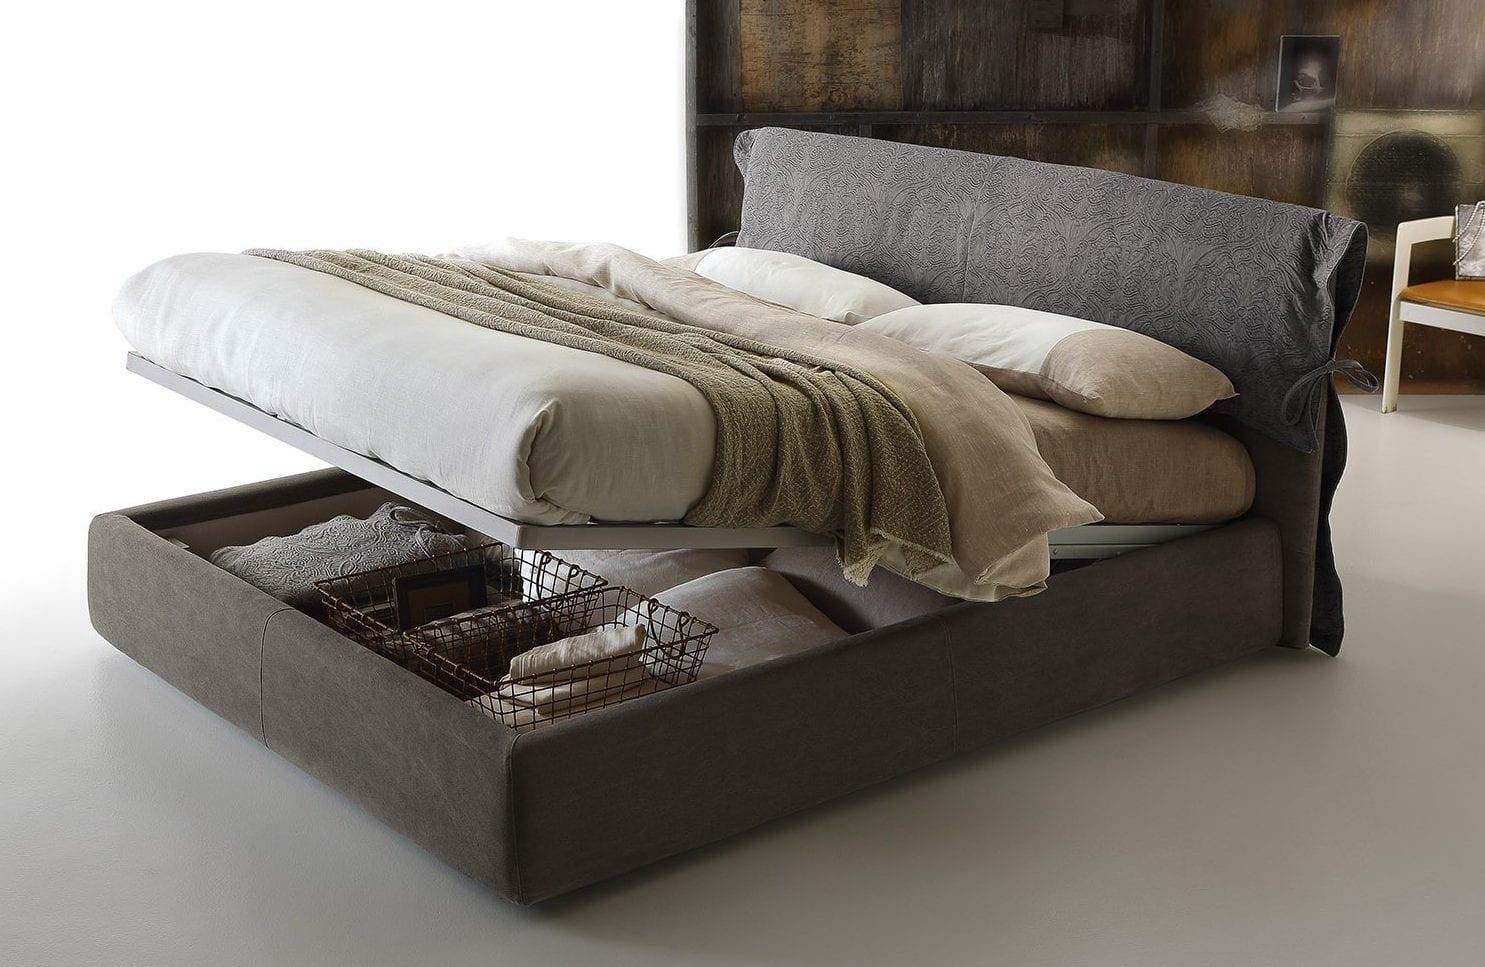 Cama con canapé: Almacenaje extra en el dormitorio